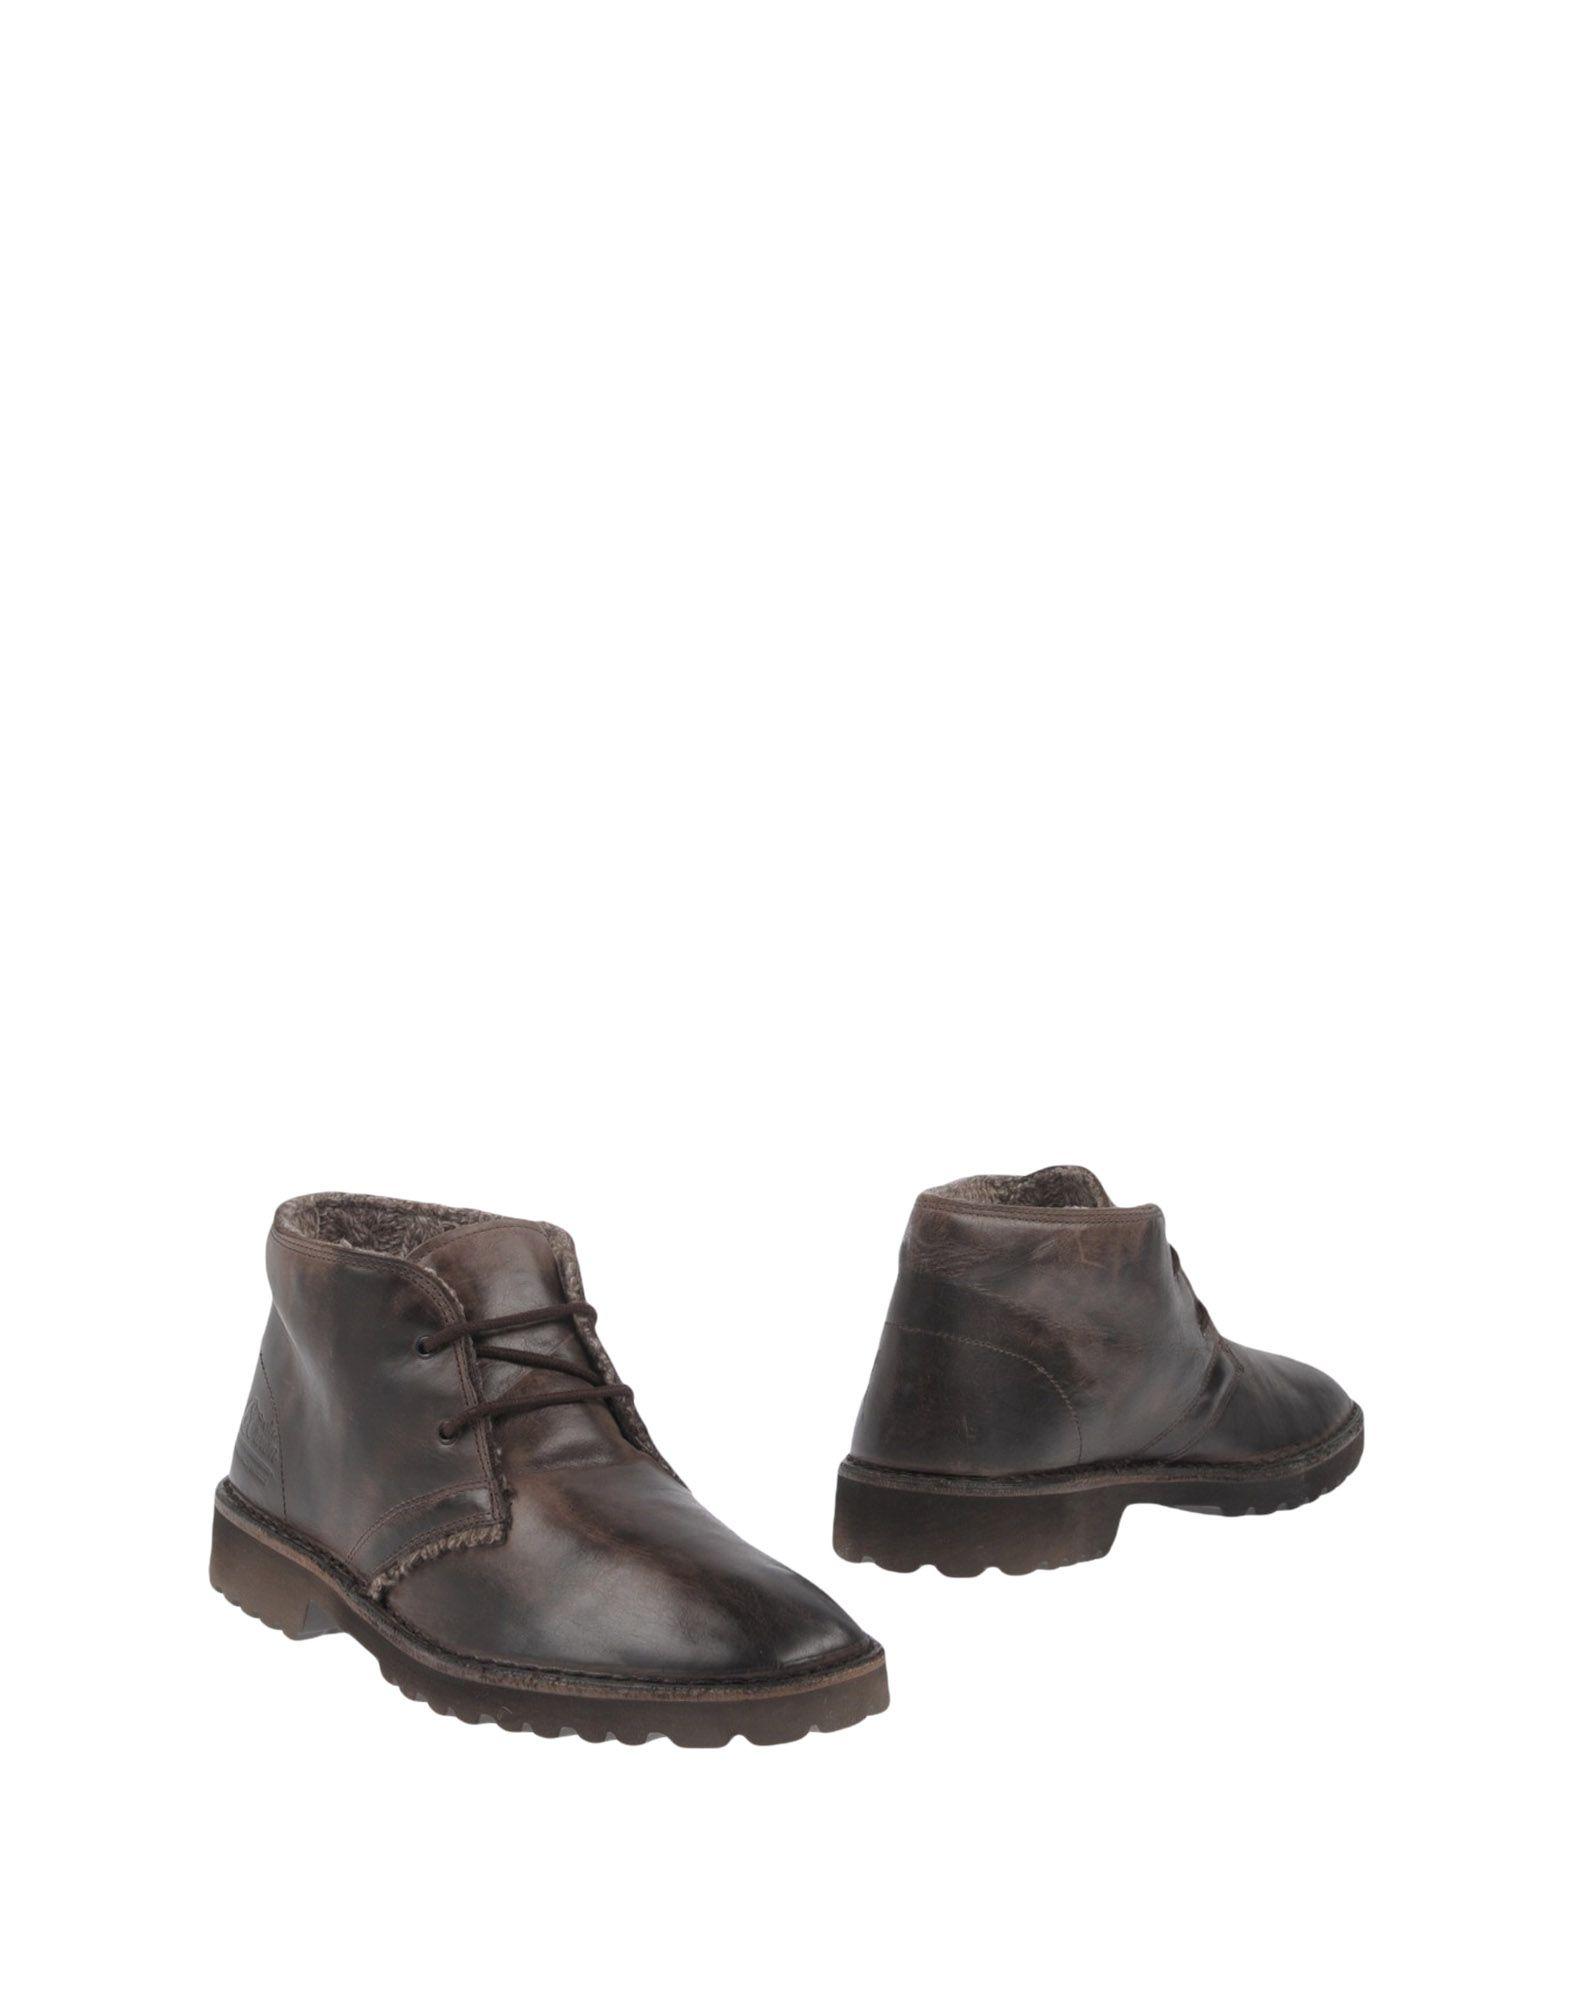 Rabatt echte echte Rabatt Schuhe Le Crown Stiefelette Herren  11452163VP 67a281